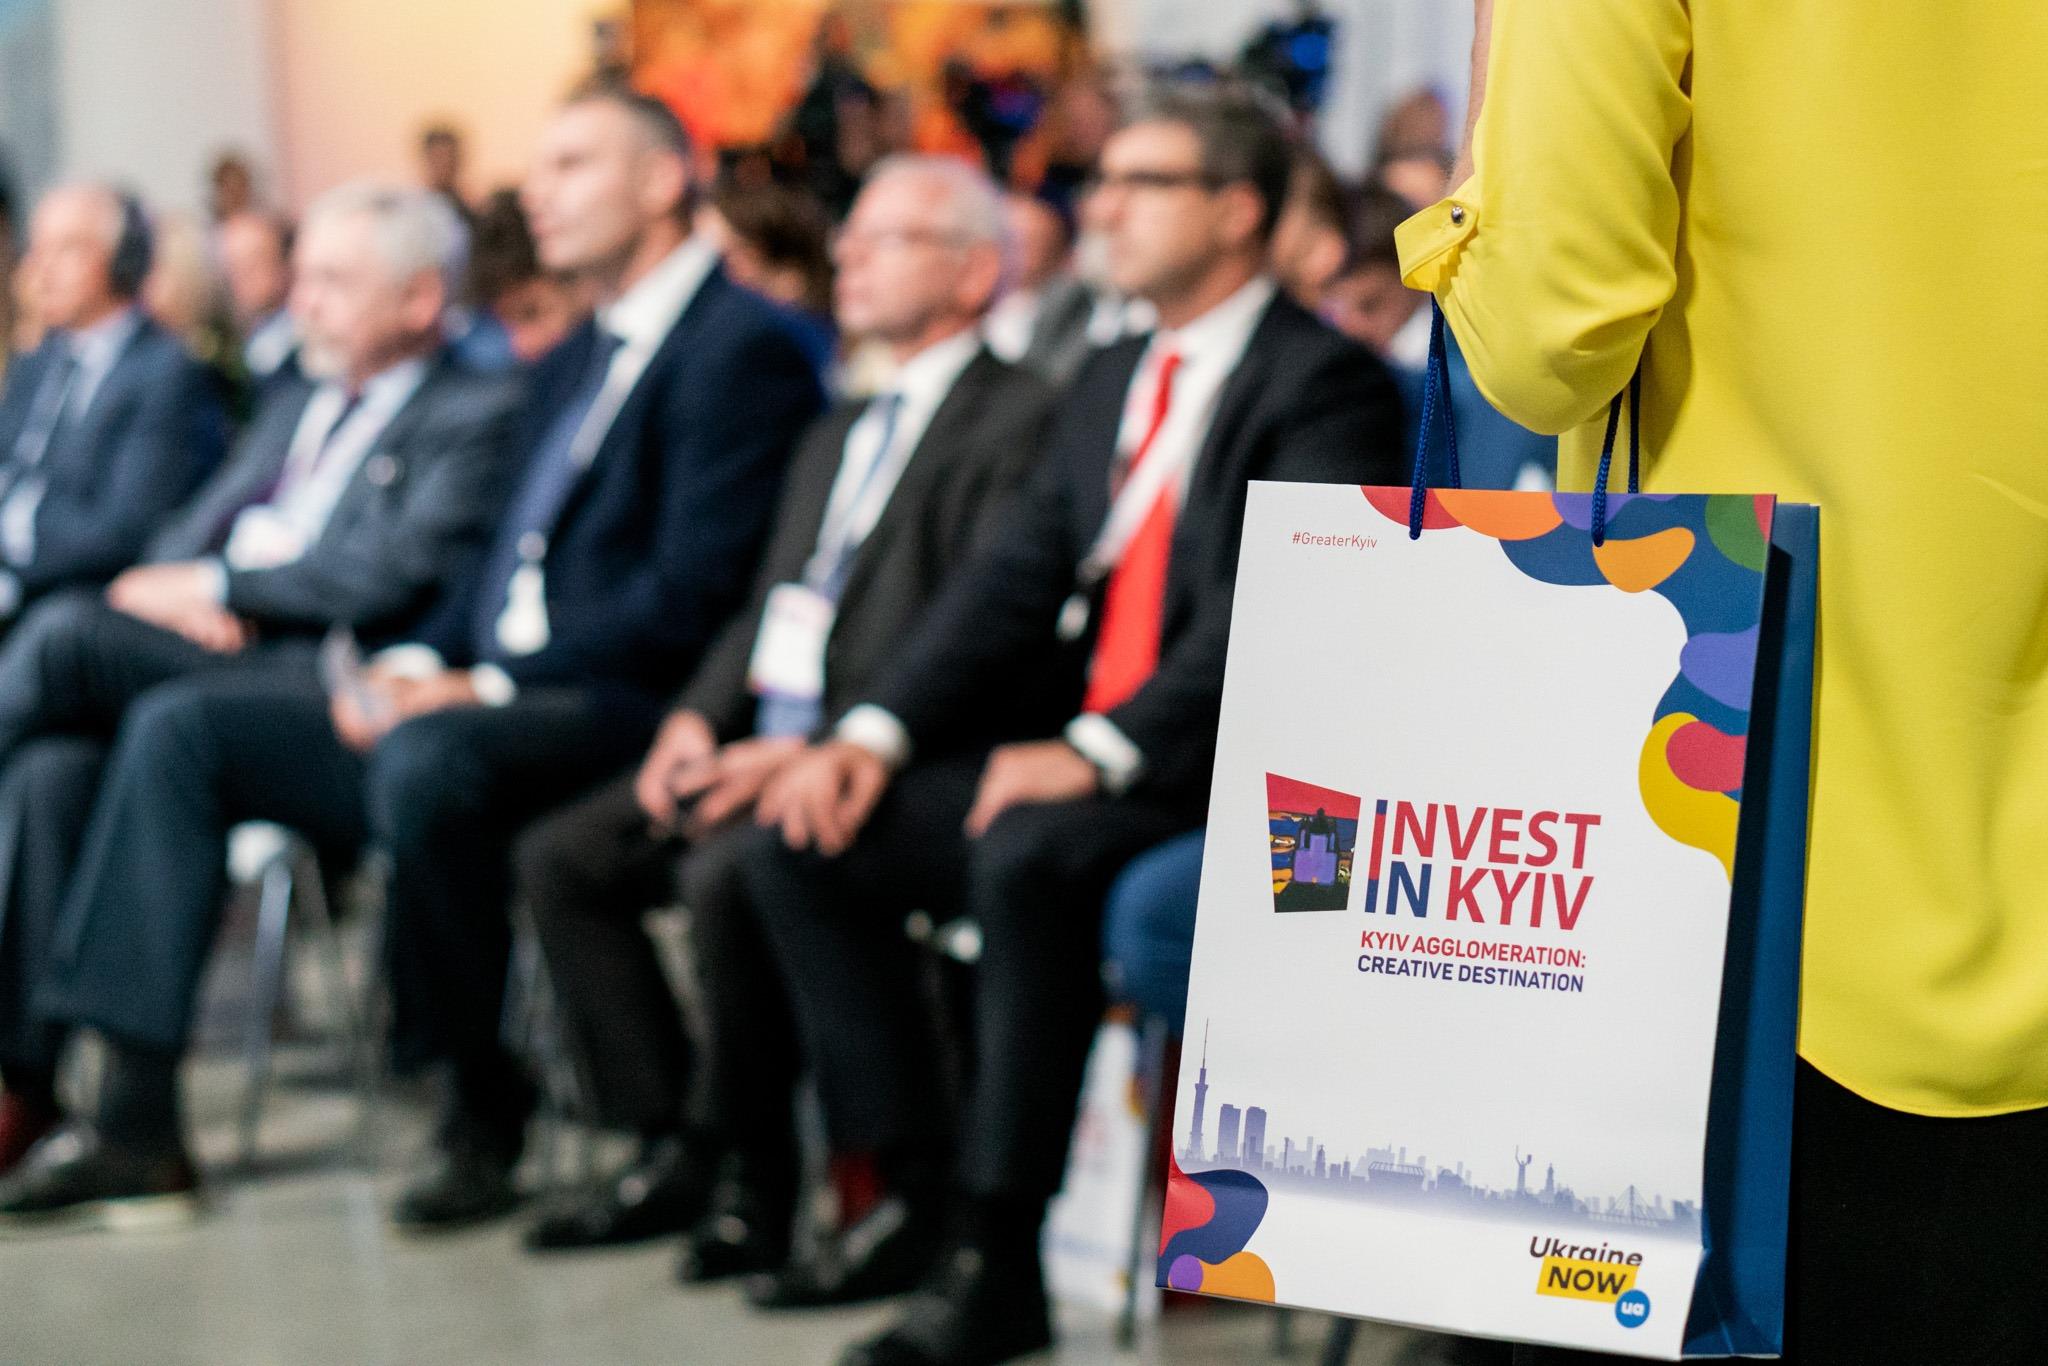 інвестиційний форум київ